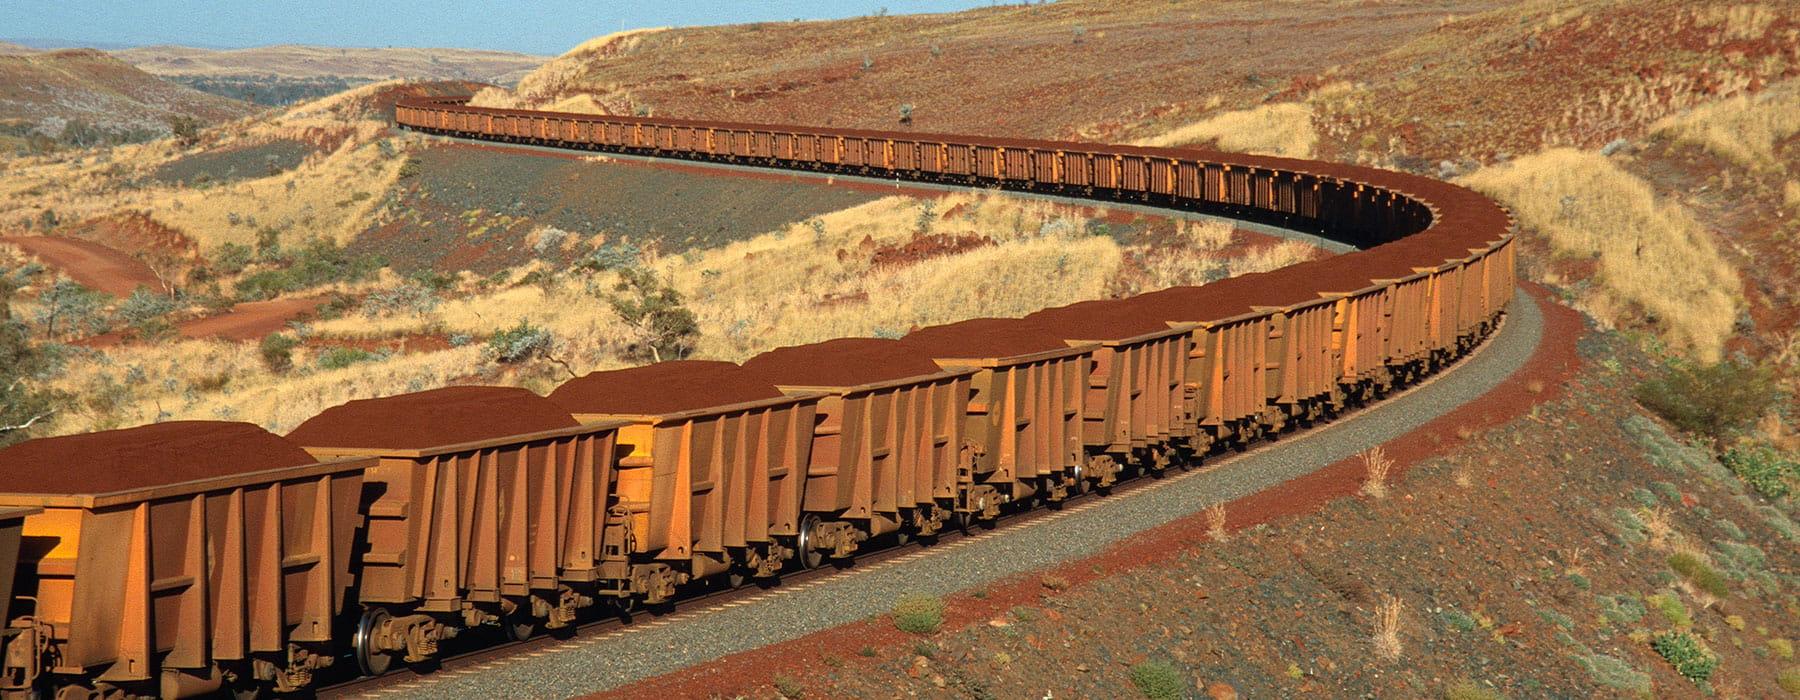 Ore Train Derailment Investigation and Mitigation - Advisian